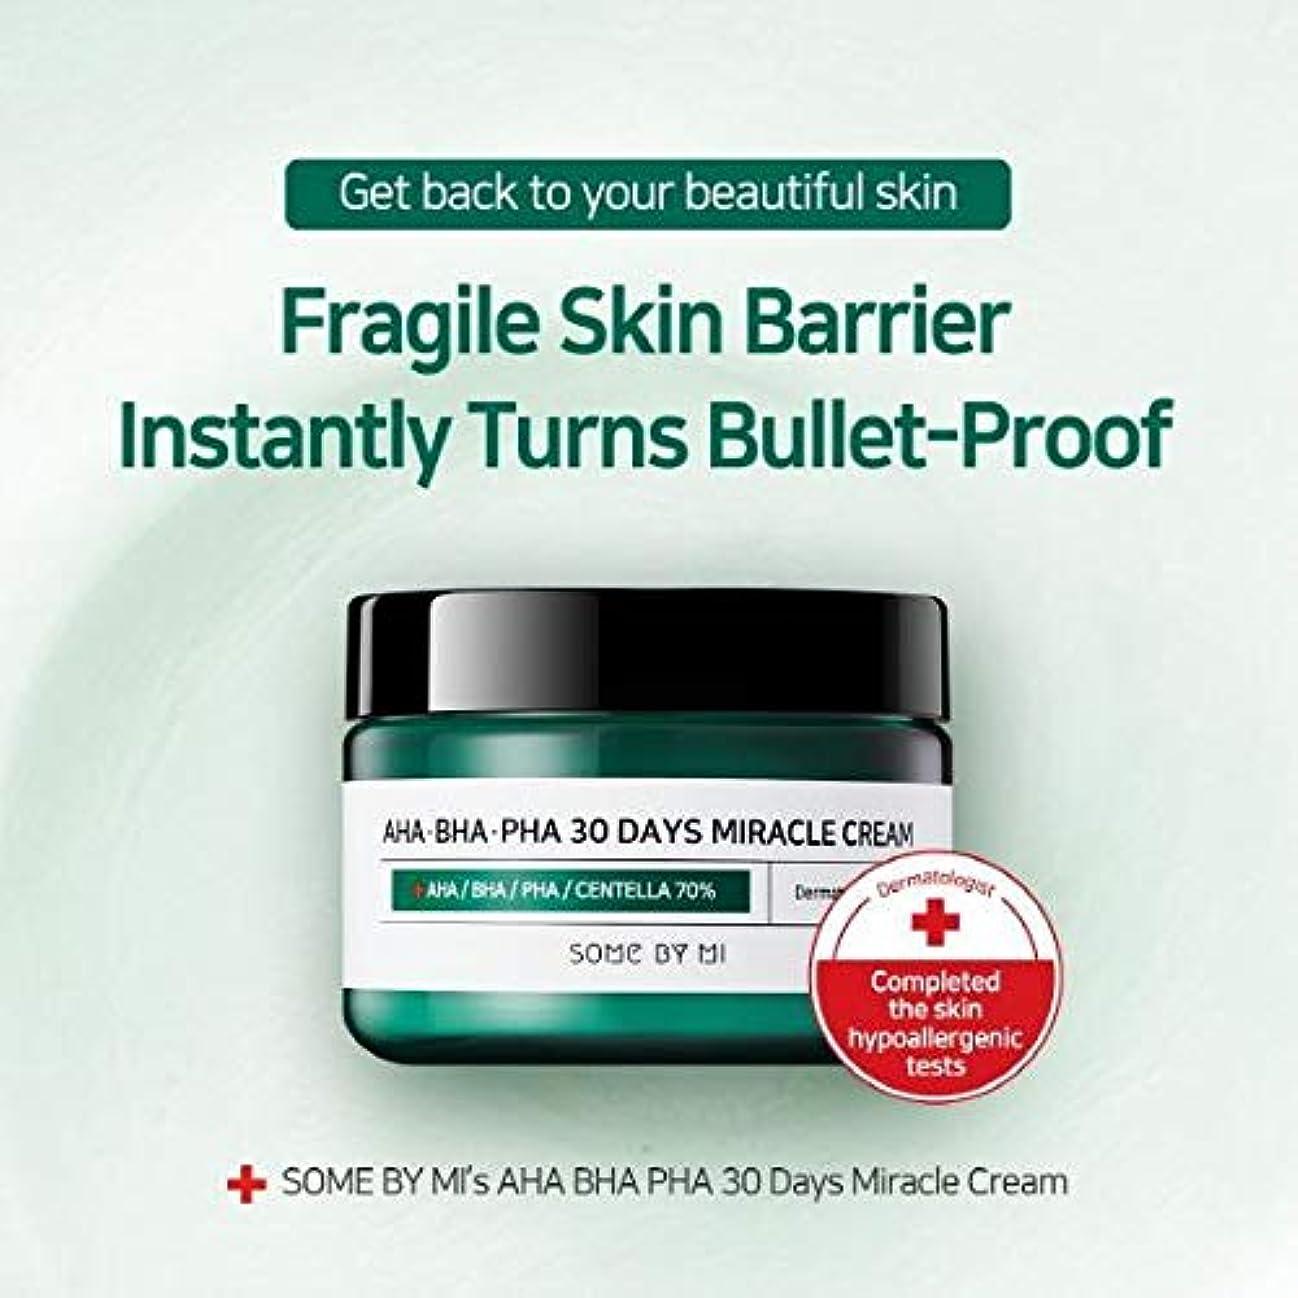 チョップがっかりした体Somebymi AHA BHA PHA Miracle Cream 50ml (1.7oz) Skin Barrier & Recovery, Soothing with Tea Tree 10,000ppm for...